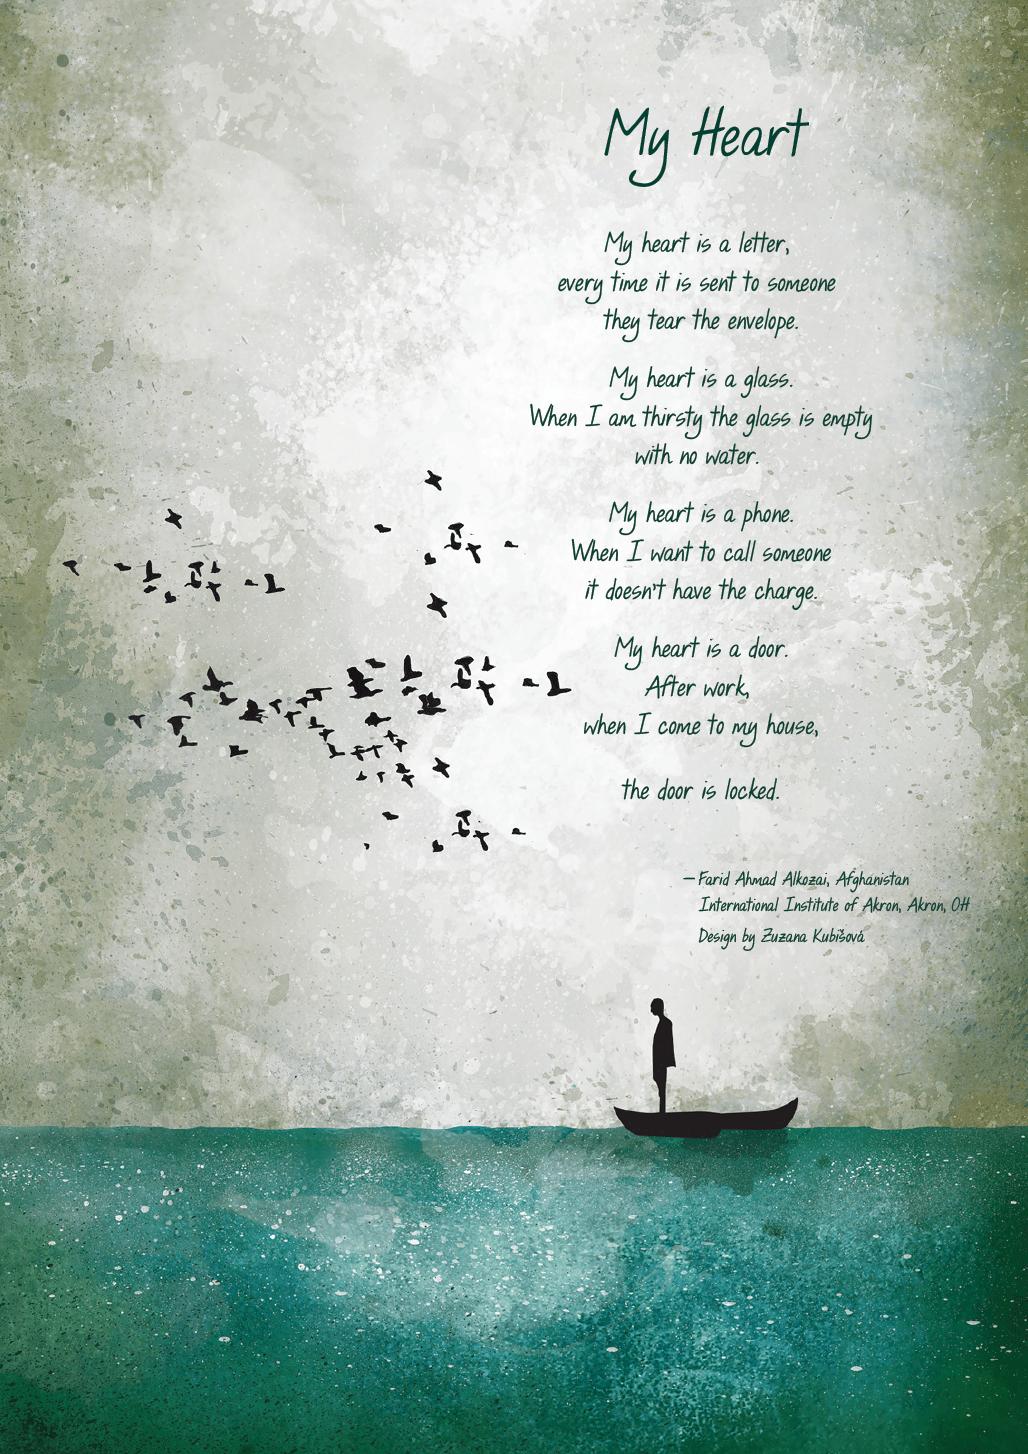 MyHeart-Alkozai-Poster